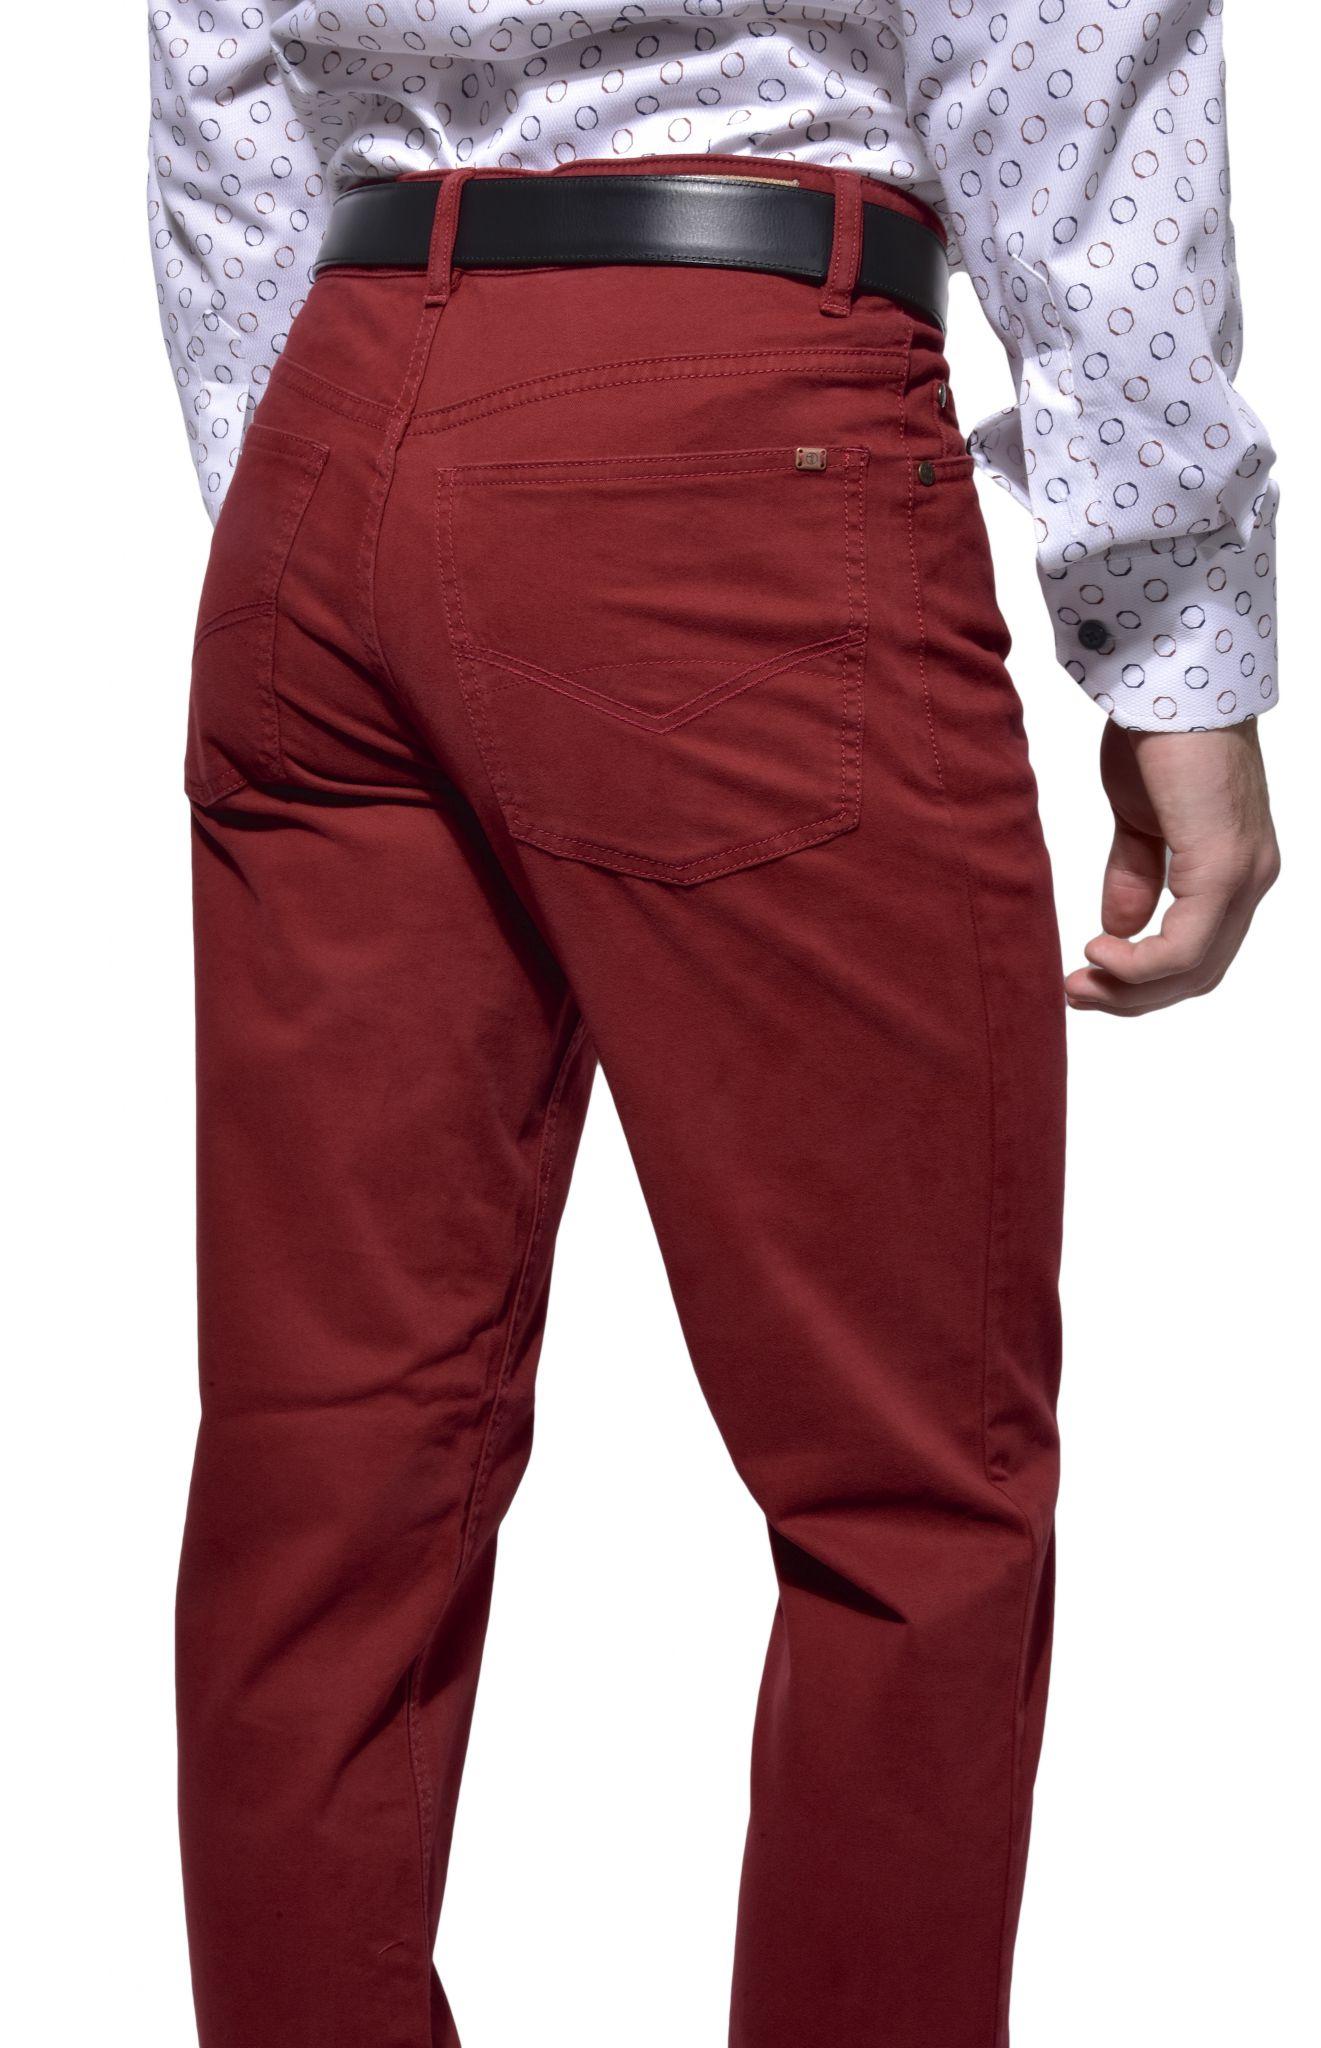 Bordové päťvreckové nohavice Bordové päťvreckové nohavice 15f2398ec98